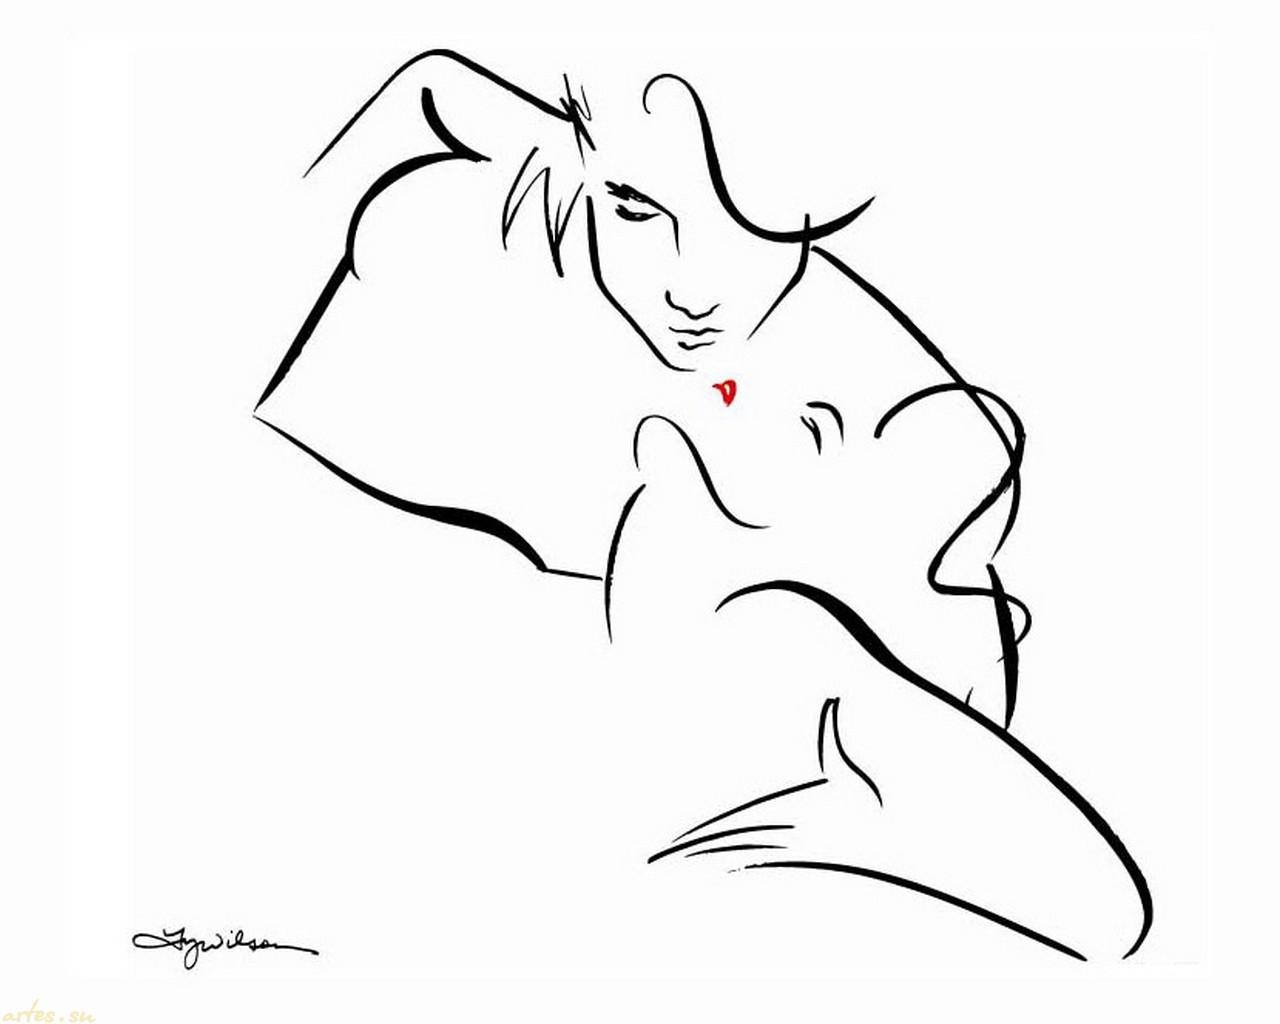 Эротический поцелуй в картинках 23 фотография